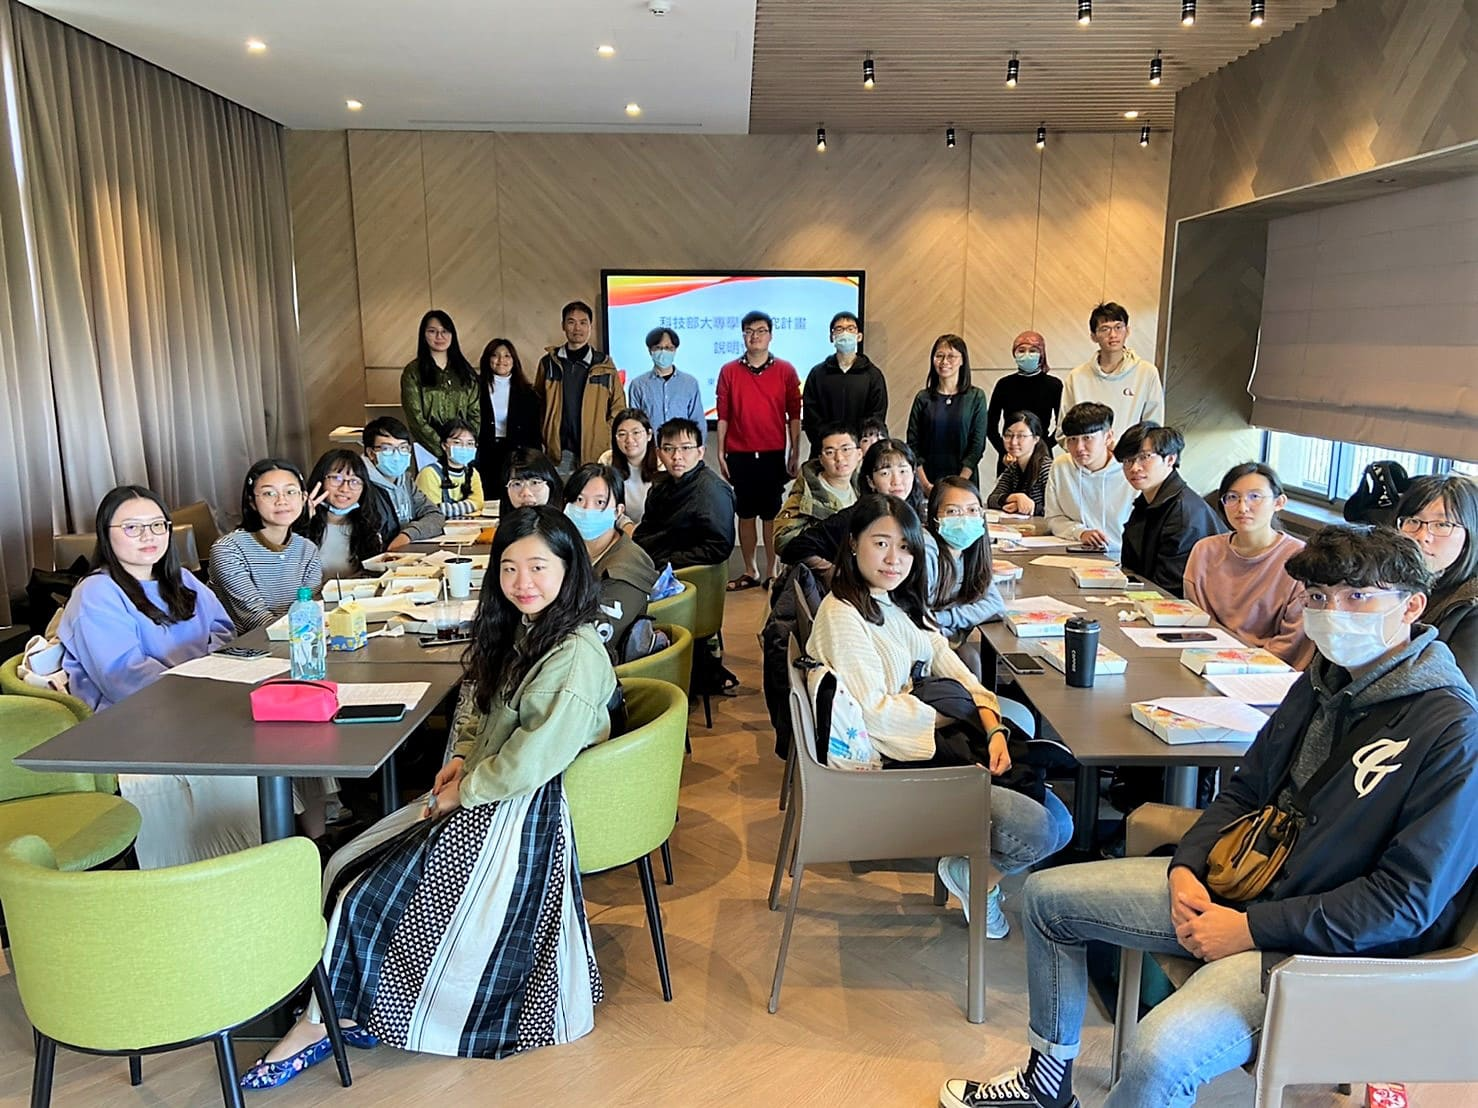 109 學年度科技部大專生研究計畫—中文系說明會